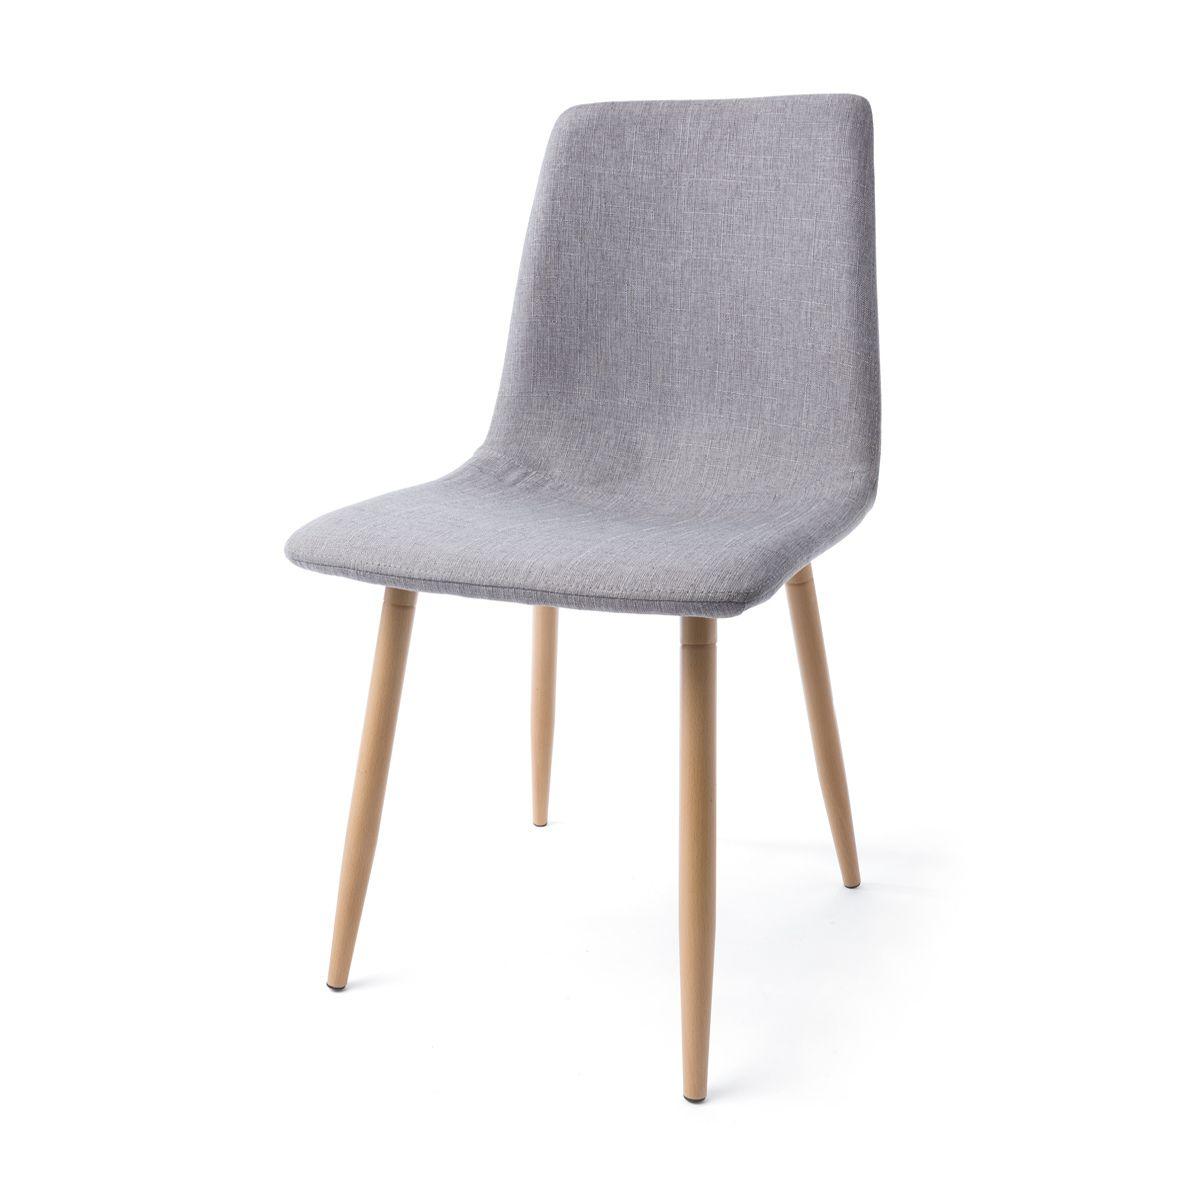 Upholstered Dining Chair | Kmart | Kmart | Pinterest